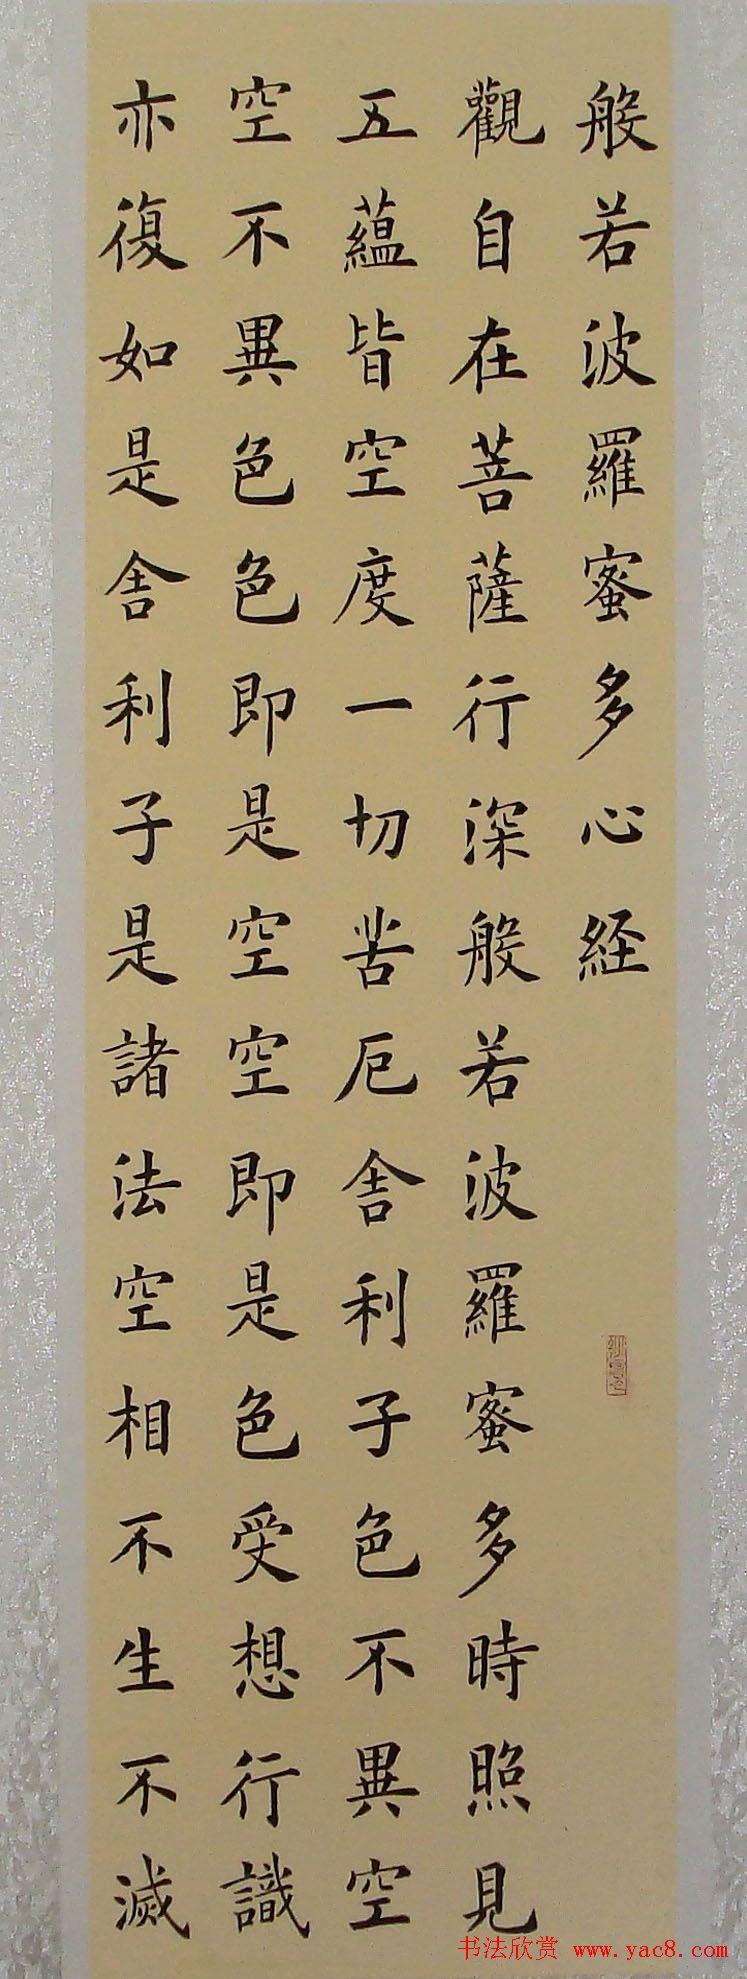 李钧书法楷书作品《心经》图片